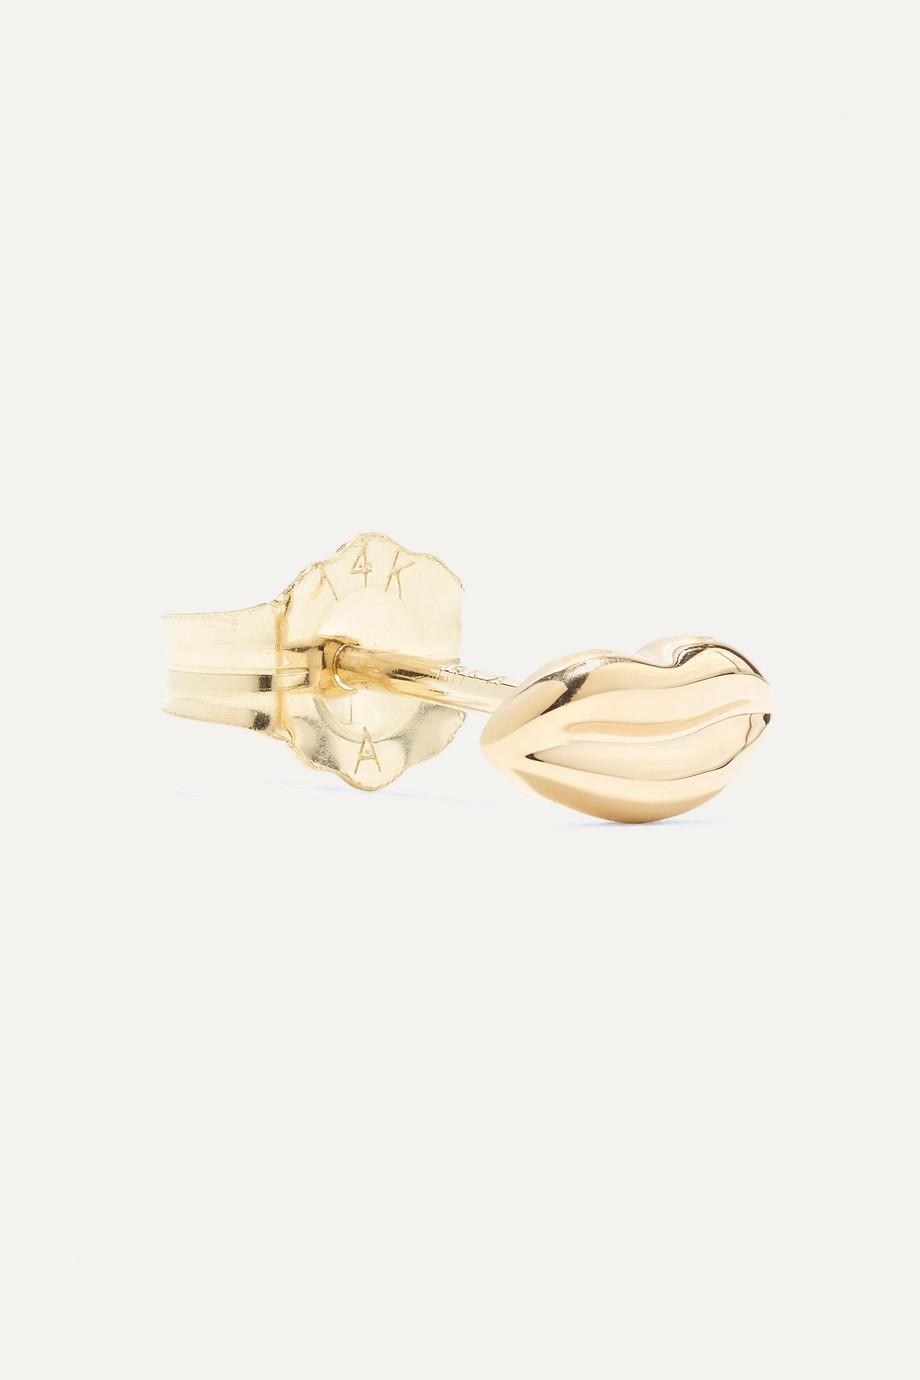 Alison Lou Mini Lip 14-karat gold earring